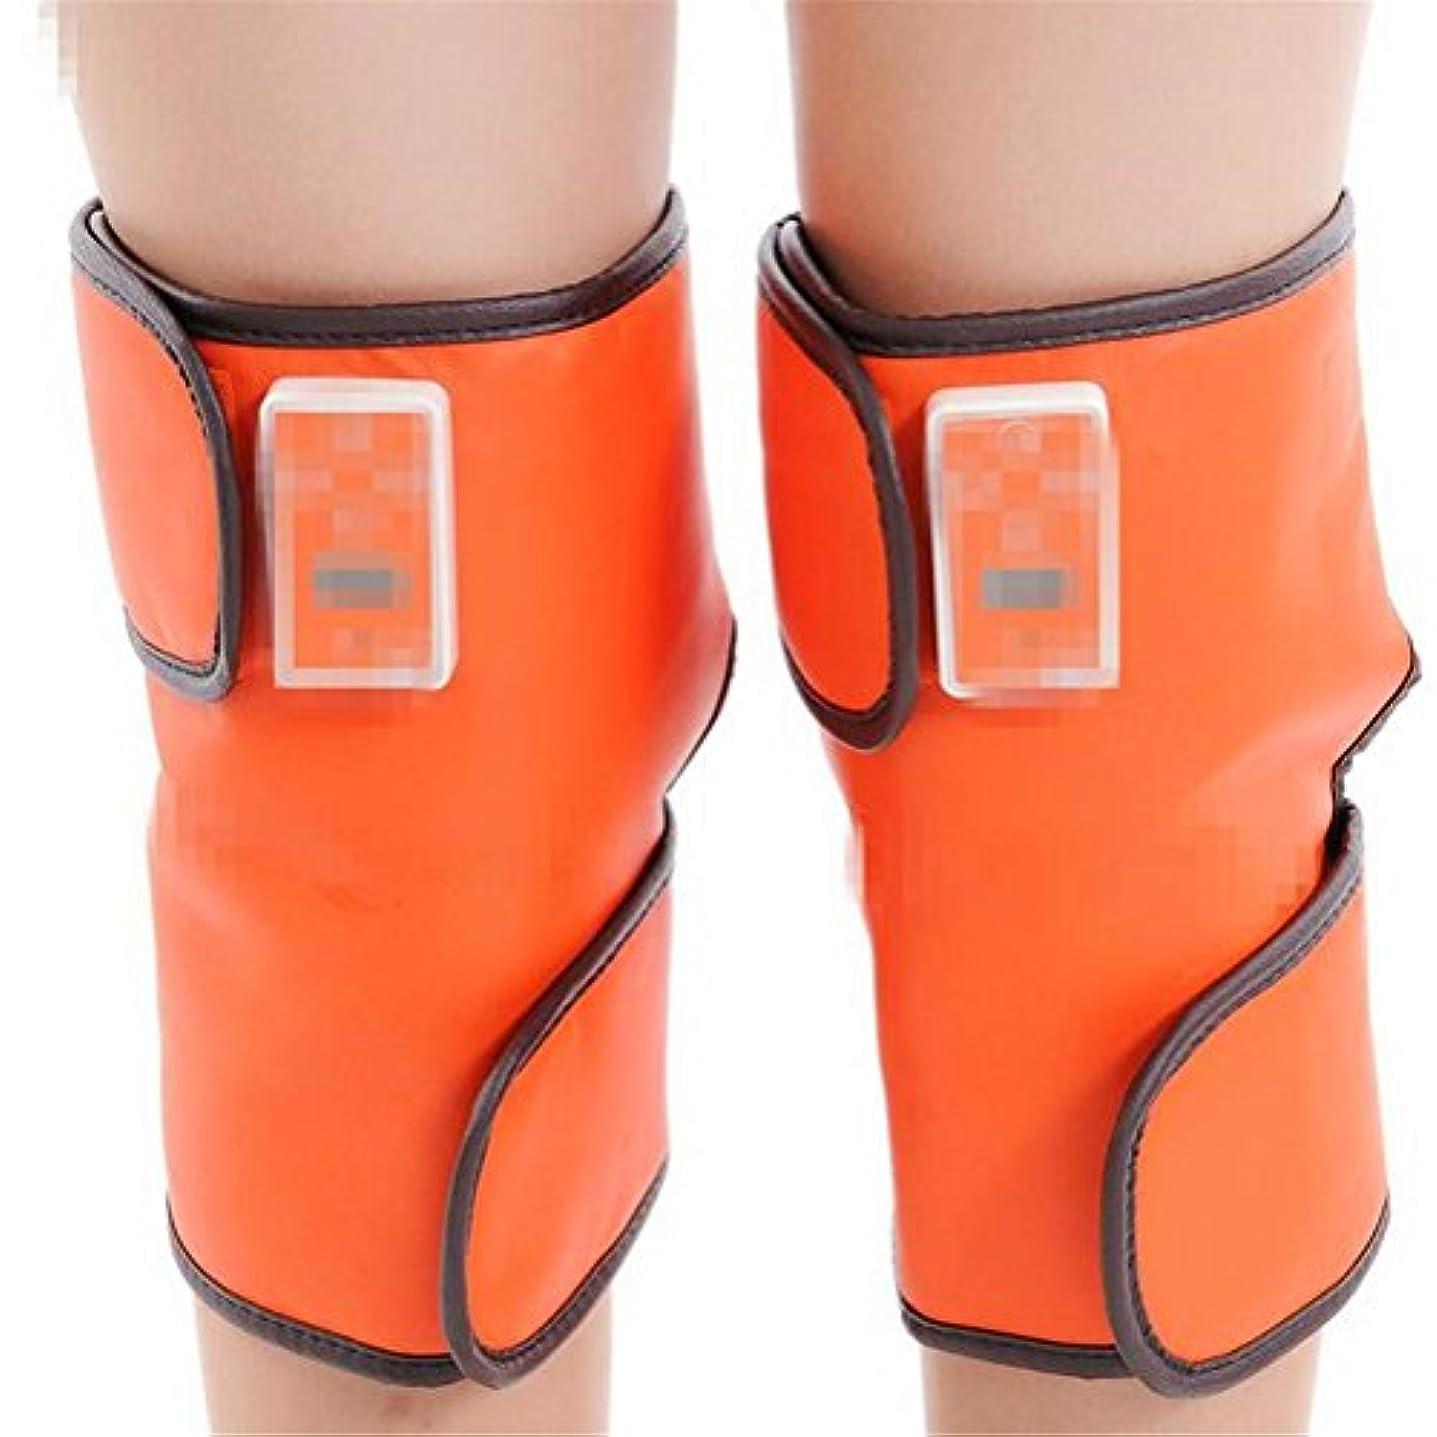 サリー解任後ろにエレジーンス-Z電気膝パッド遠赤外線老膝膝パッド健康療法救済装置クリスマスハイエンドギフト